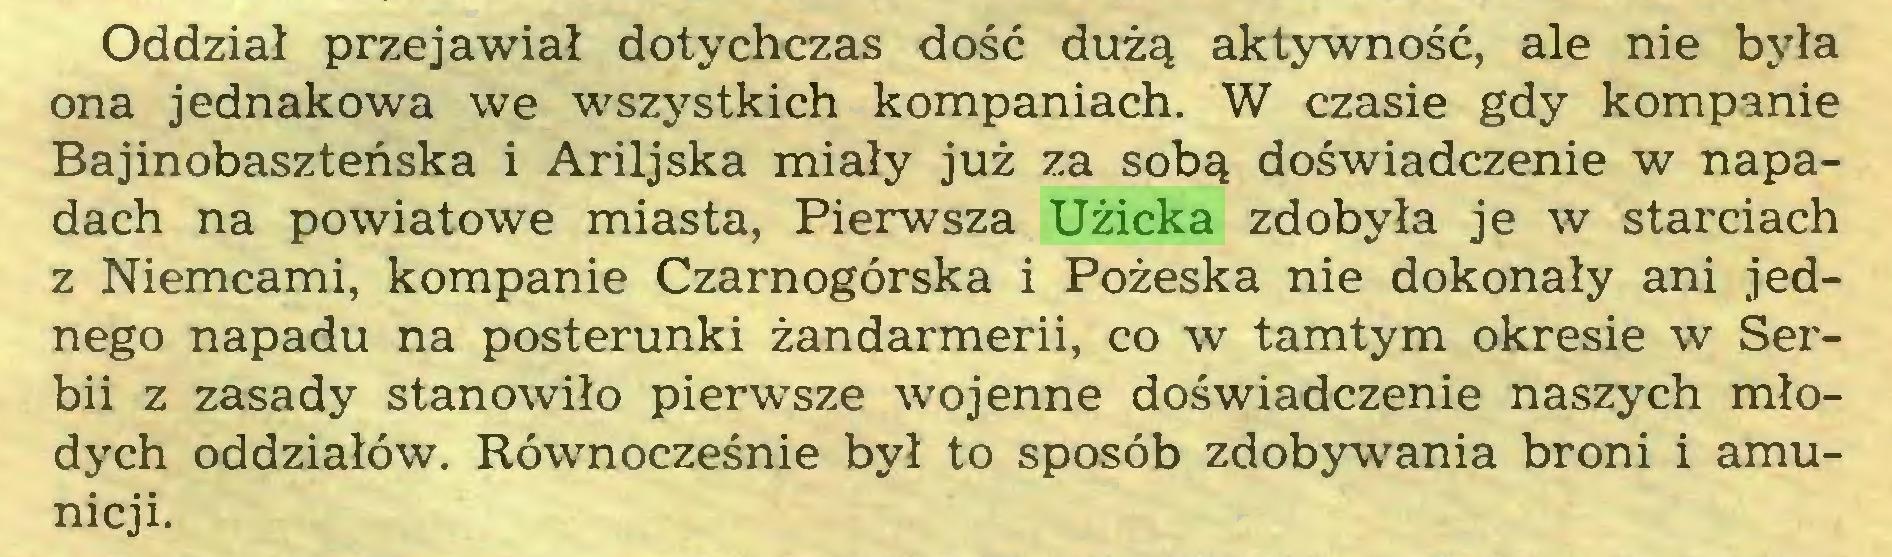 (...) Oddział przejawiał dotychczas dość dużą aktywność, ale nie była ona jednakowa we wszystkich kompaniach. W czasie gdy kompanie Bajinobaszteńska i Ariljska miały już za sobą doświadczenie w napadach na powiatowe miasta, Pierwsza Użicka zdobyła je w starciach z Niemcami, kompanie Czarnogórska i Pożeska nie dokonały ani jednego napadu na posterunki żandarmerii, co w tamtym okresie w Serbii z zasady stanowiło pierwsze wojenne doświadczenie naszych młodych oddziałów. Równocześnie był to sposób zdobywania broni i amunicji...